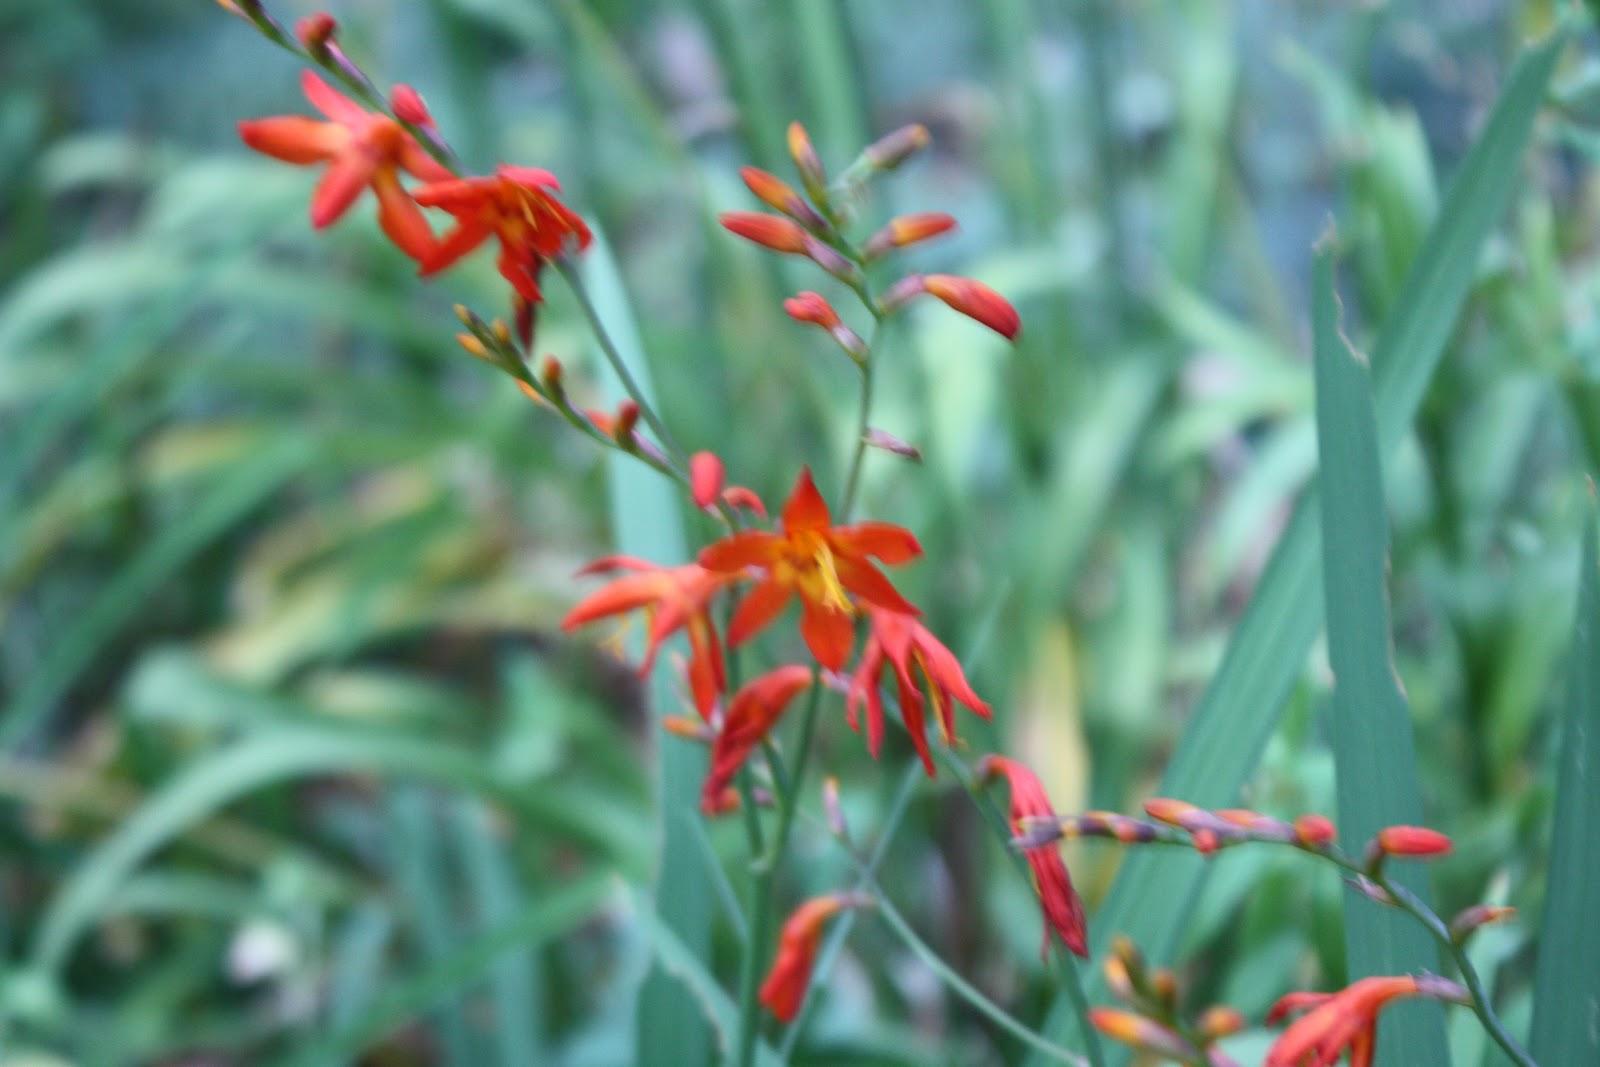 8 Umbellatum Star of Bethlehem Summer Snowflake Gardening Bulb Corm White Flower